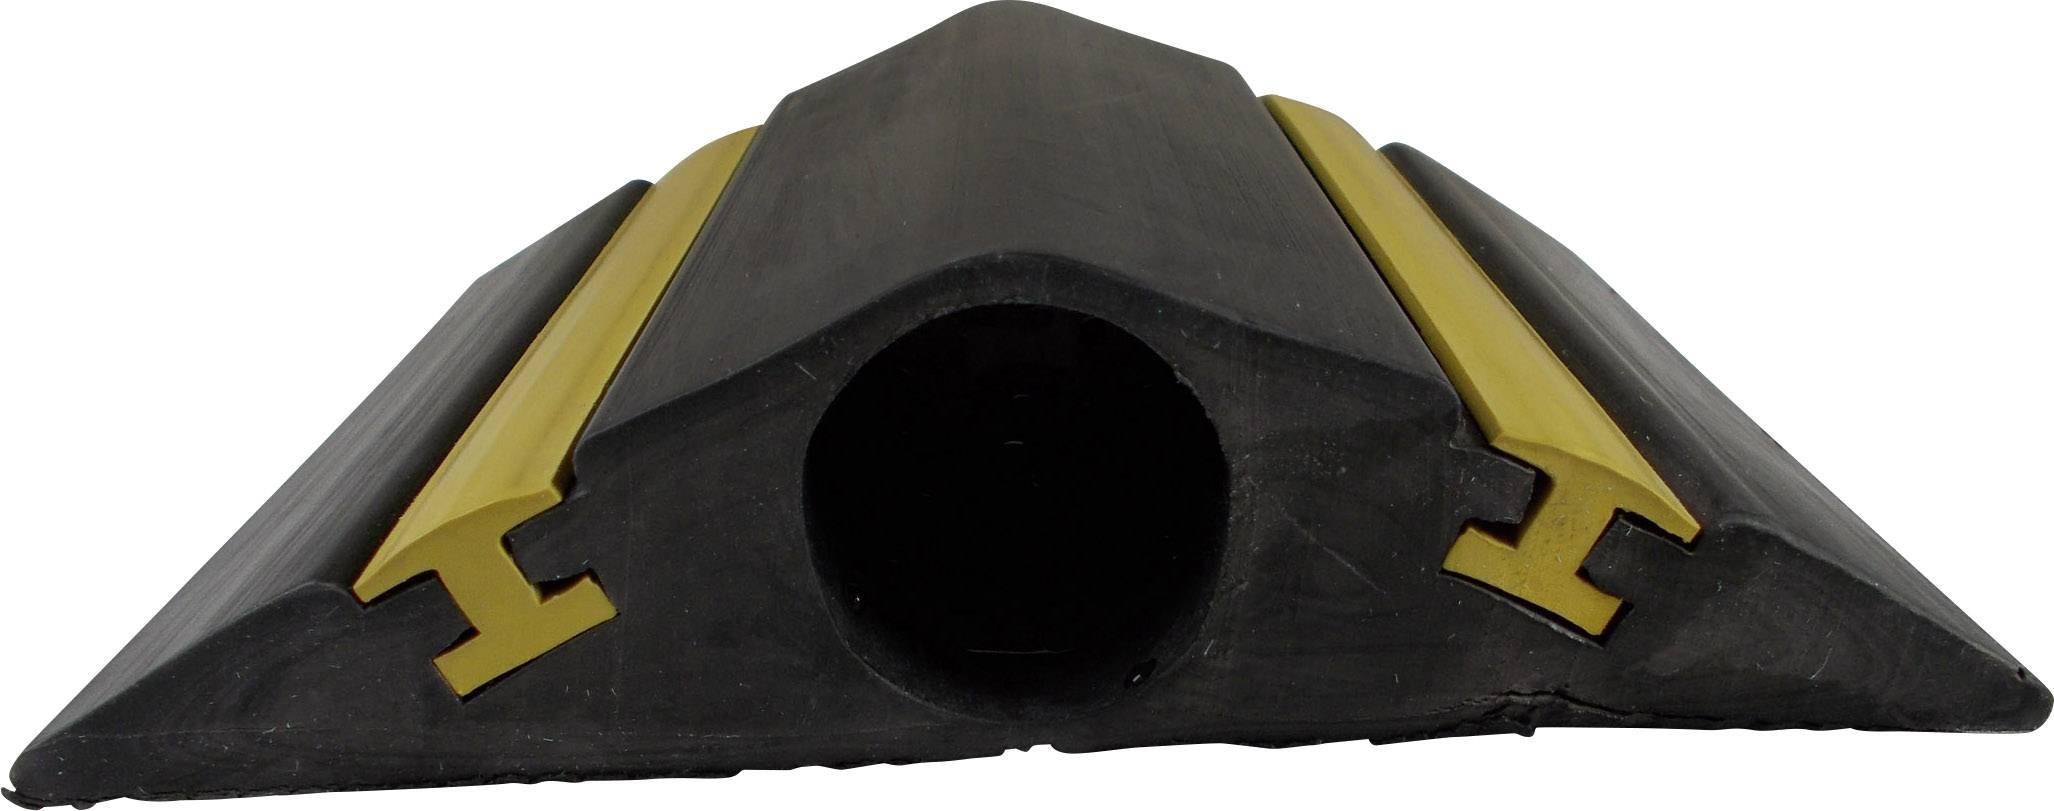 Kabelový můstek Vulcascot VUS-067, (d x š x v) 4500 x 127 x 28 mm, černá, 1 ks